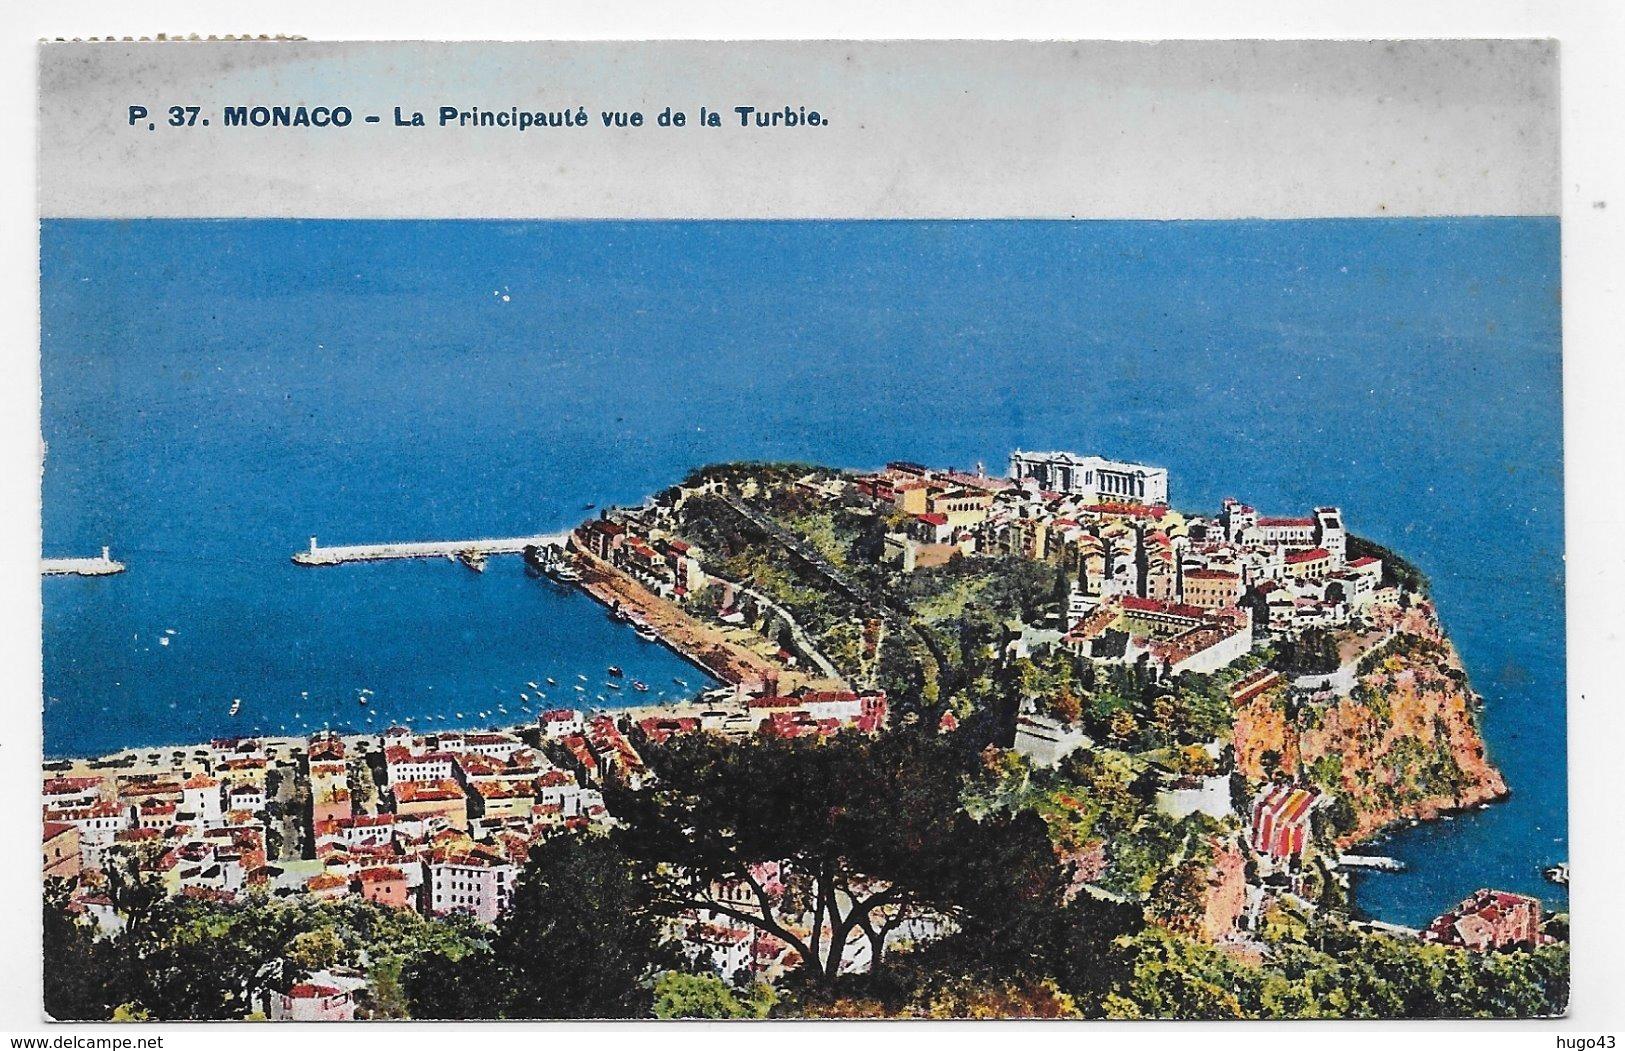 (RECTO / VERSO) MONACO - N° 37 - LA PRINCIPAUTE VUE DE LA TURBIE - TIMBRE DE MONACO - CPA VOYAGEE - Harbor